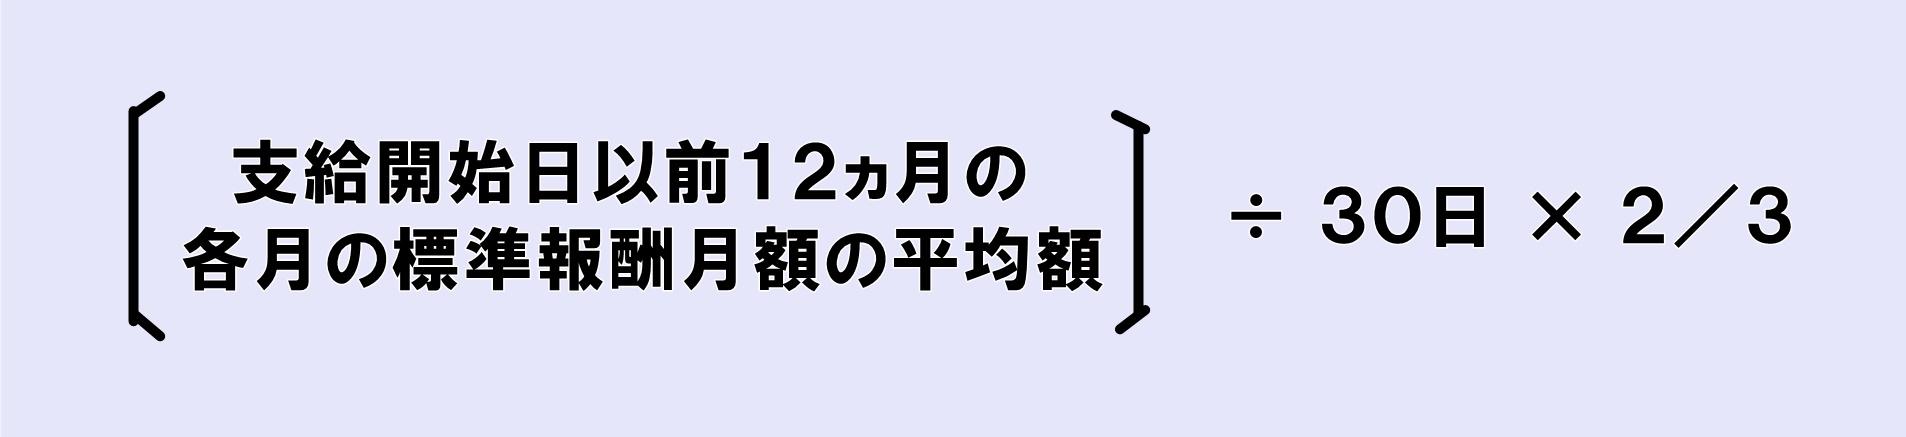 金 手当 けんぽ 協会 傷病